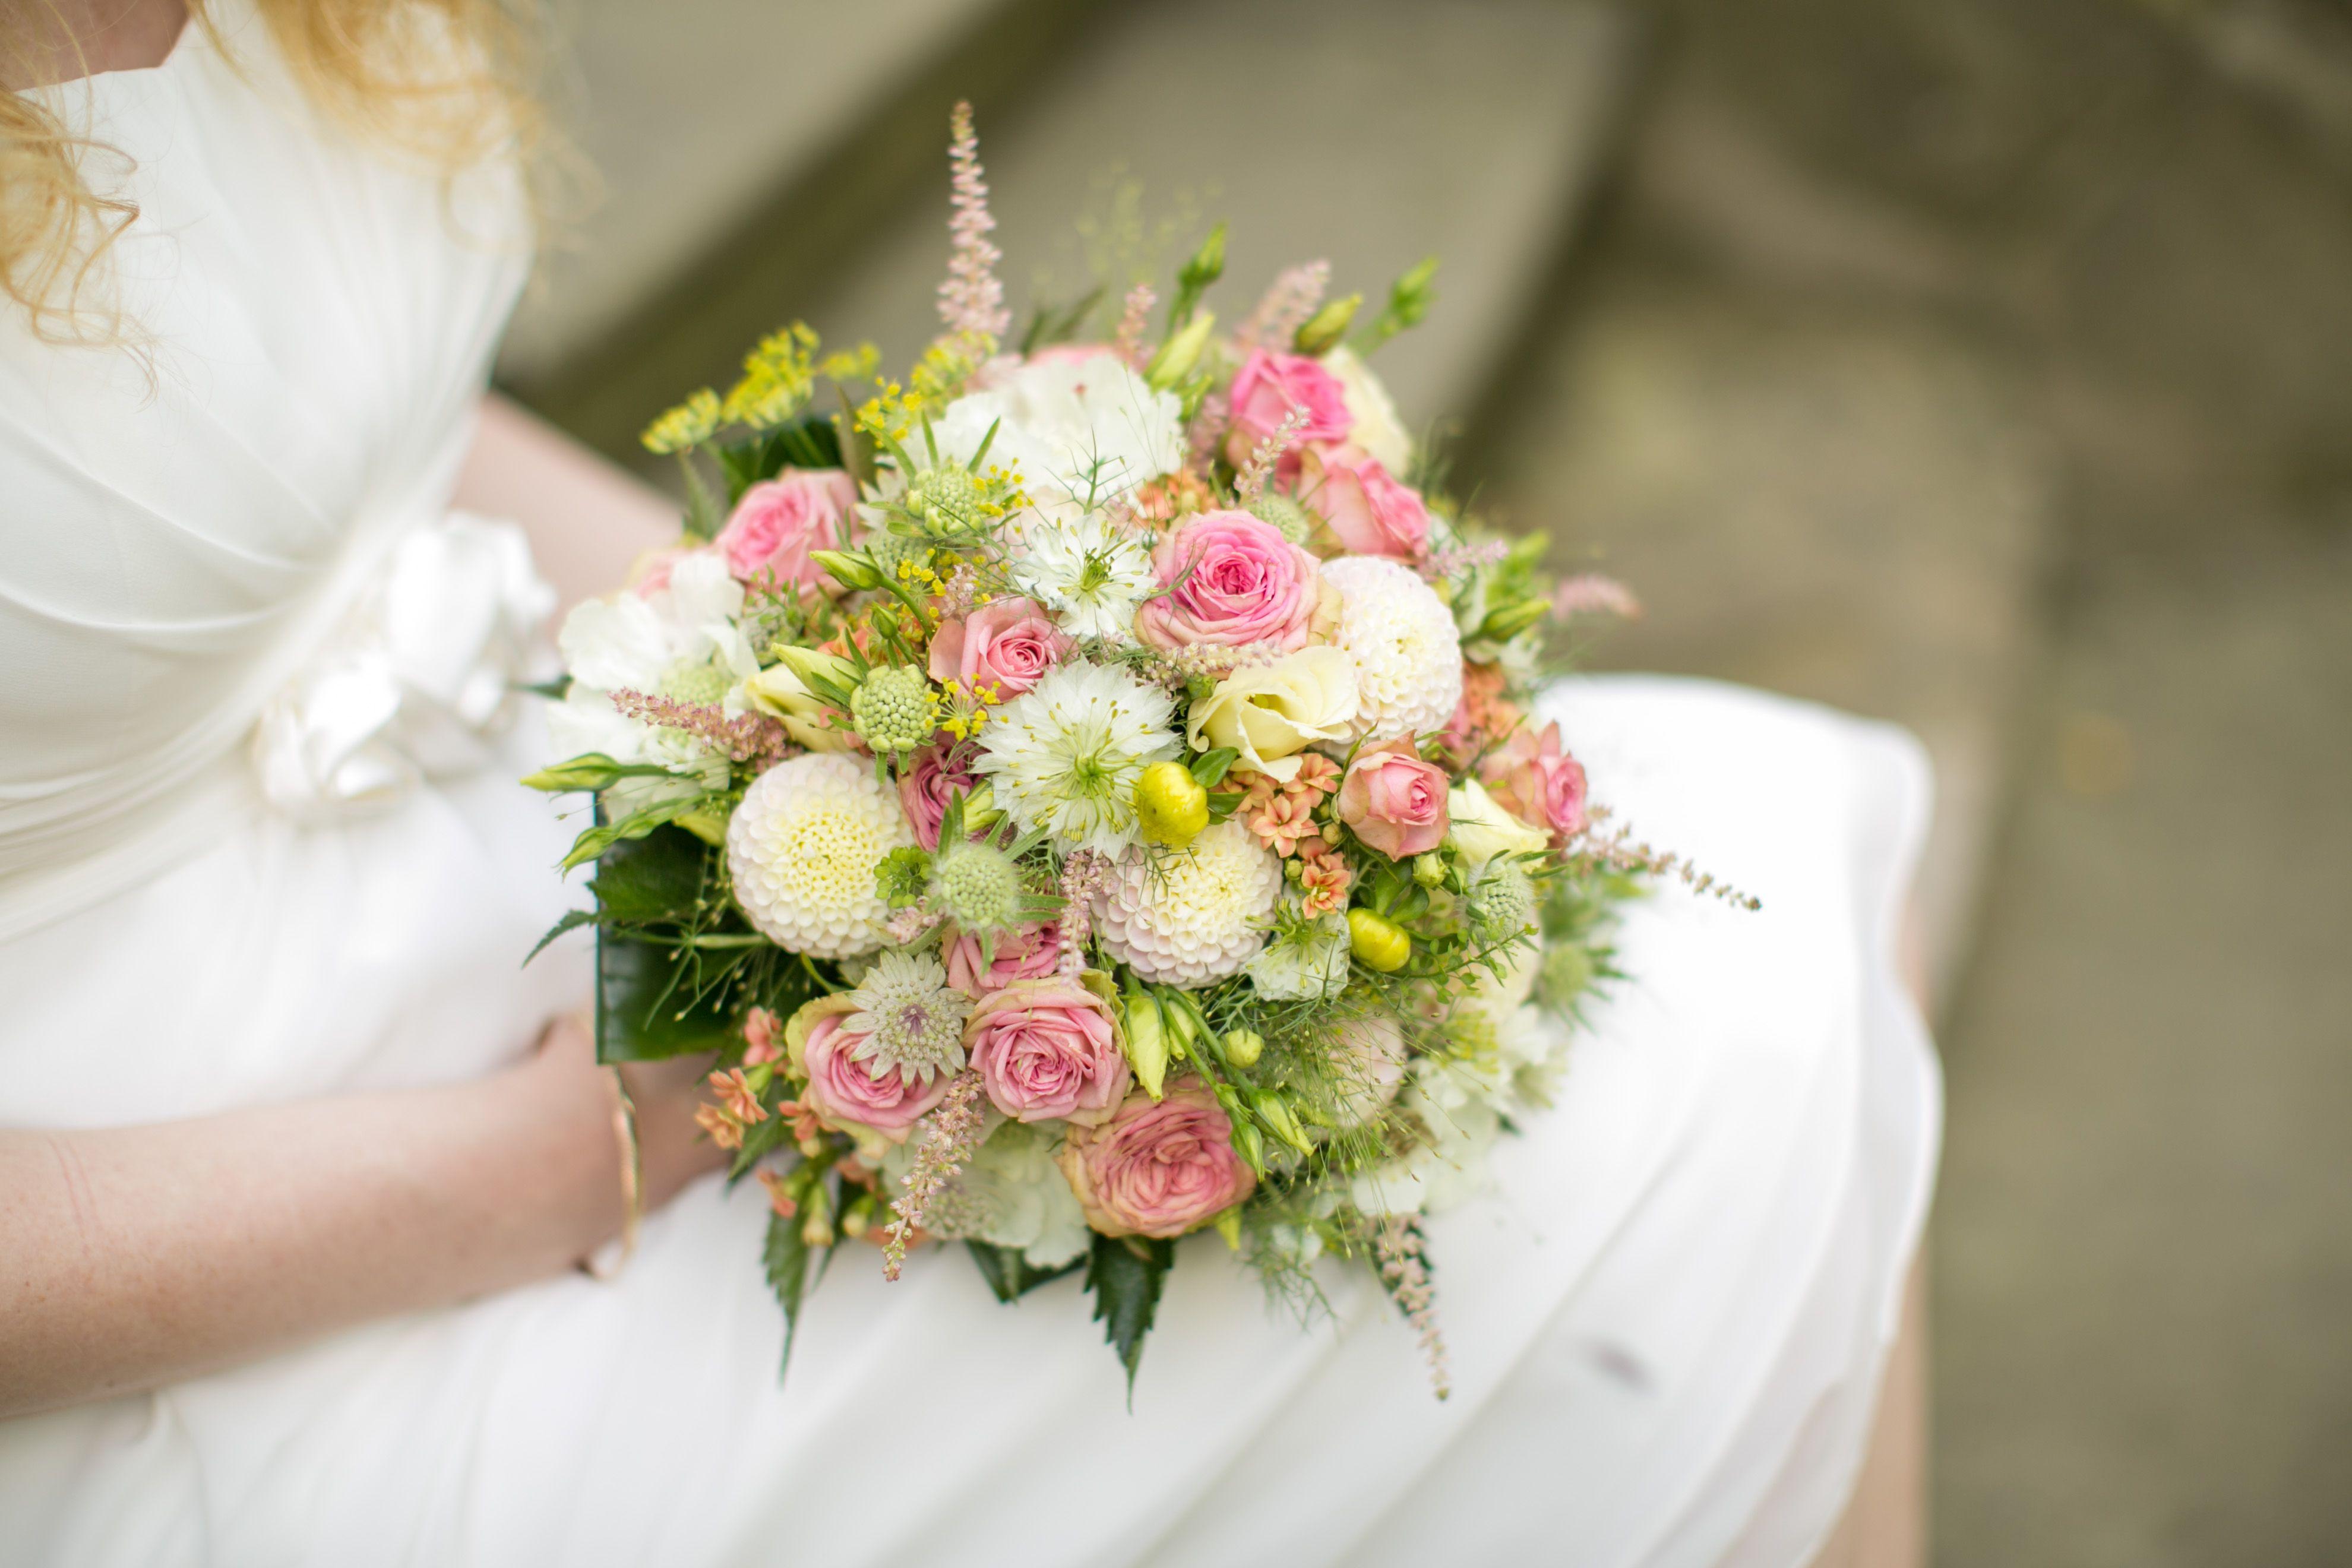 Brautstrauß in rosa-pfirsich mit zarten Blüten. www.melanie-schoenemann.de